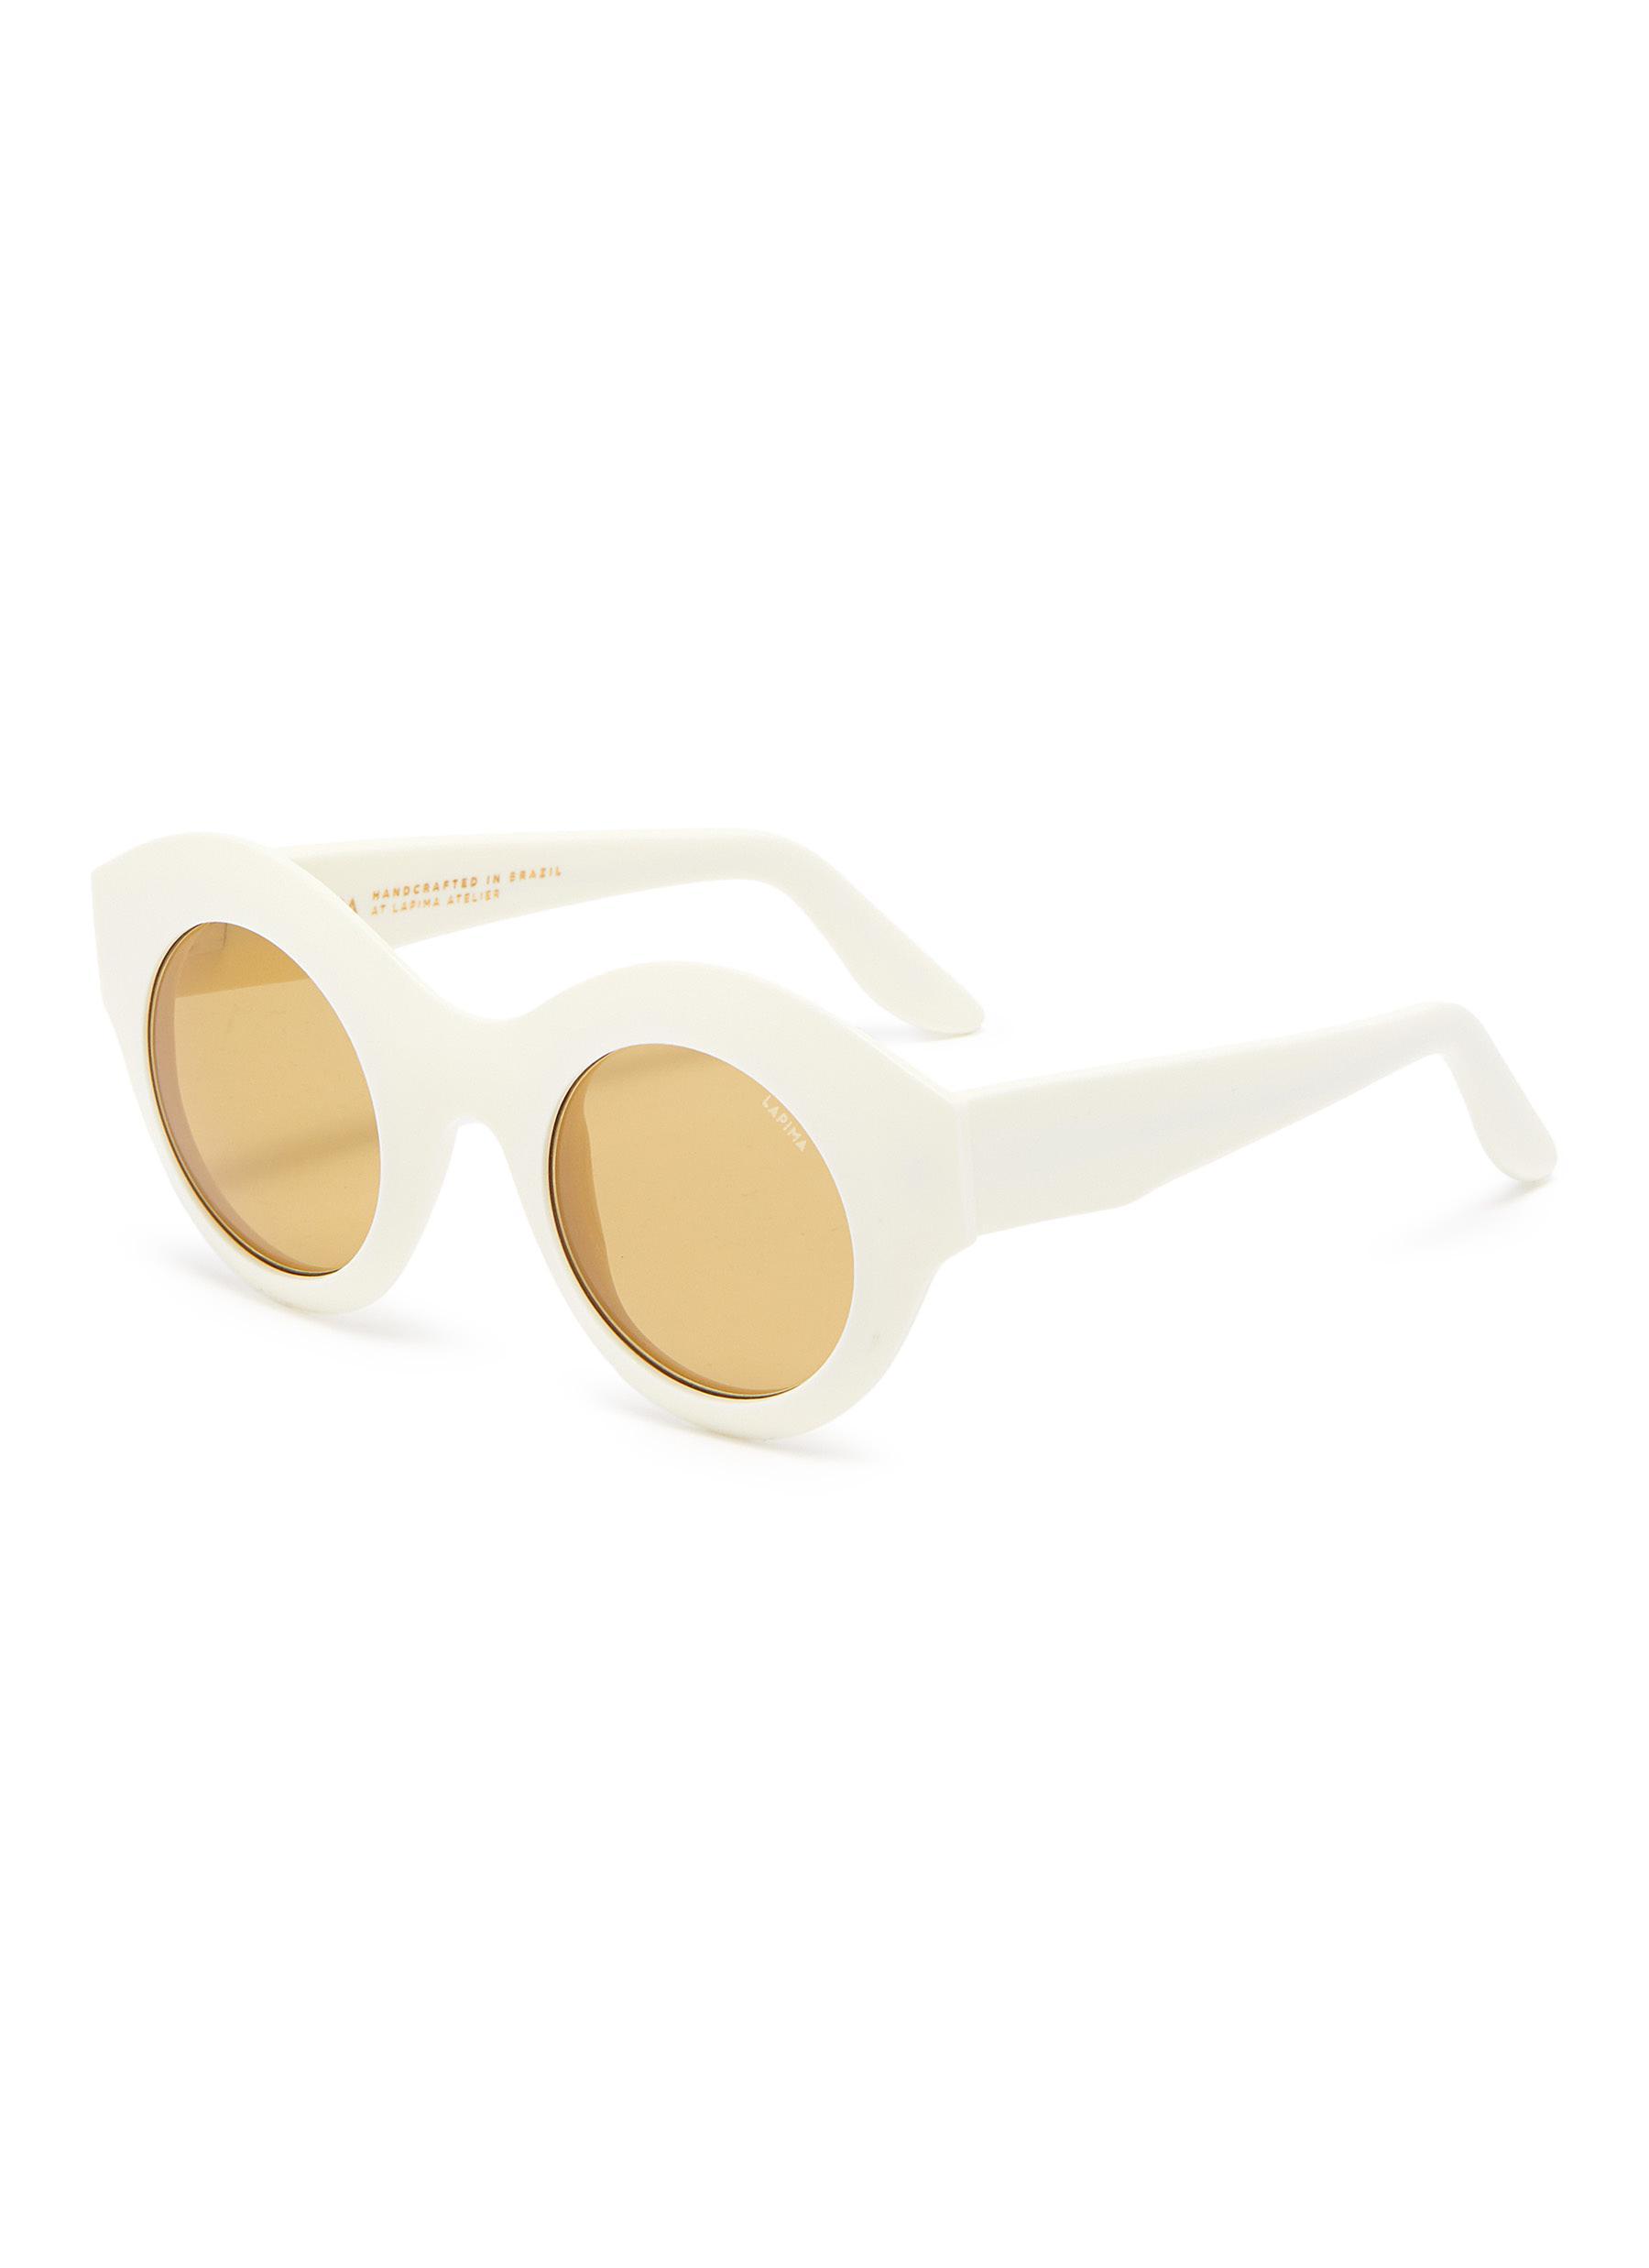 'Vera' round acetate frame sunglasses